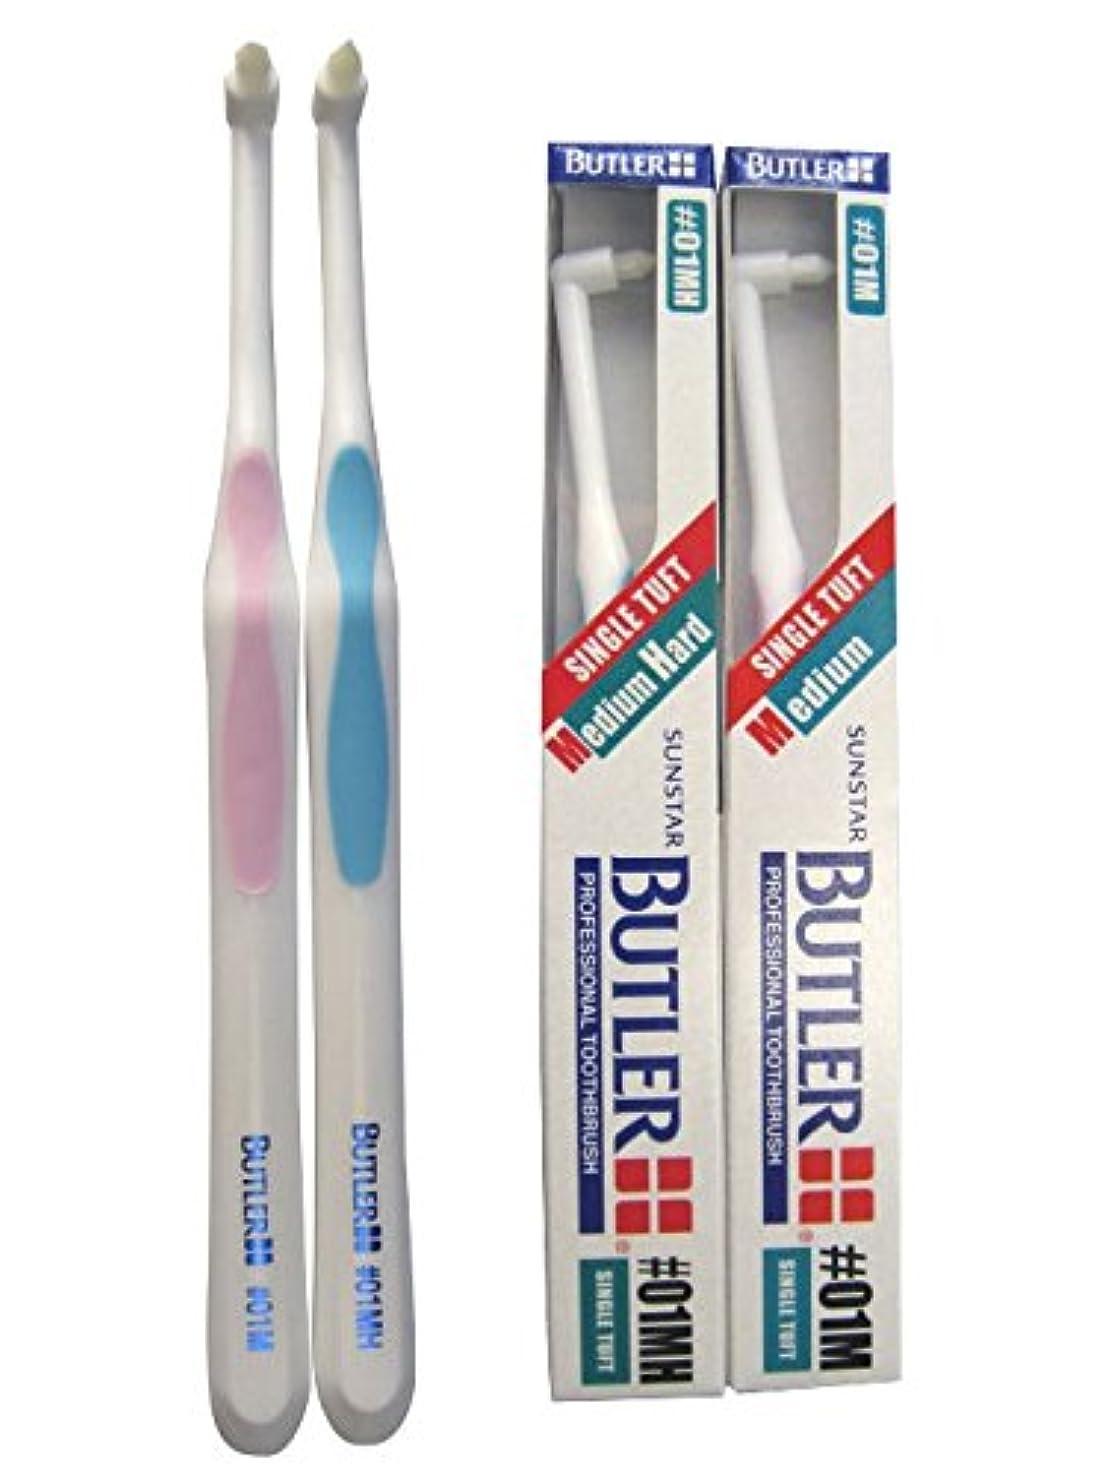 青写真すべてリーフレット12本 サンスター バトラー ワンタフト歯ブラシ #01M #01MH (MH(ミディアムハード))